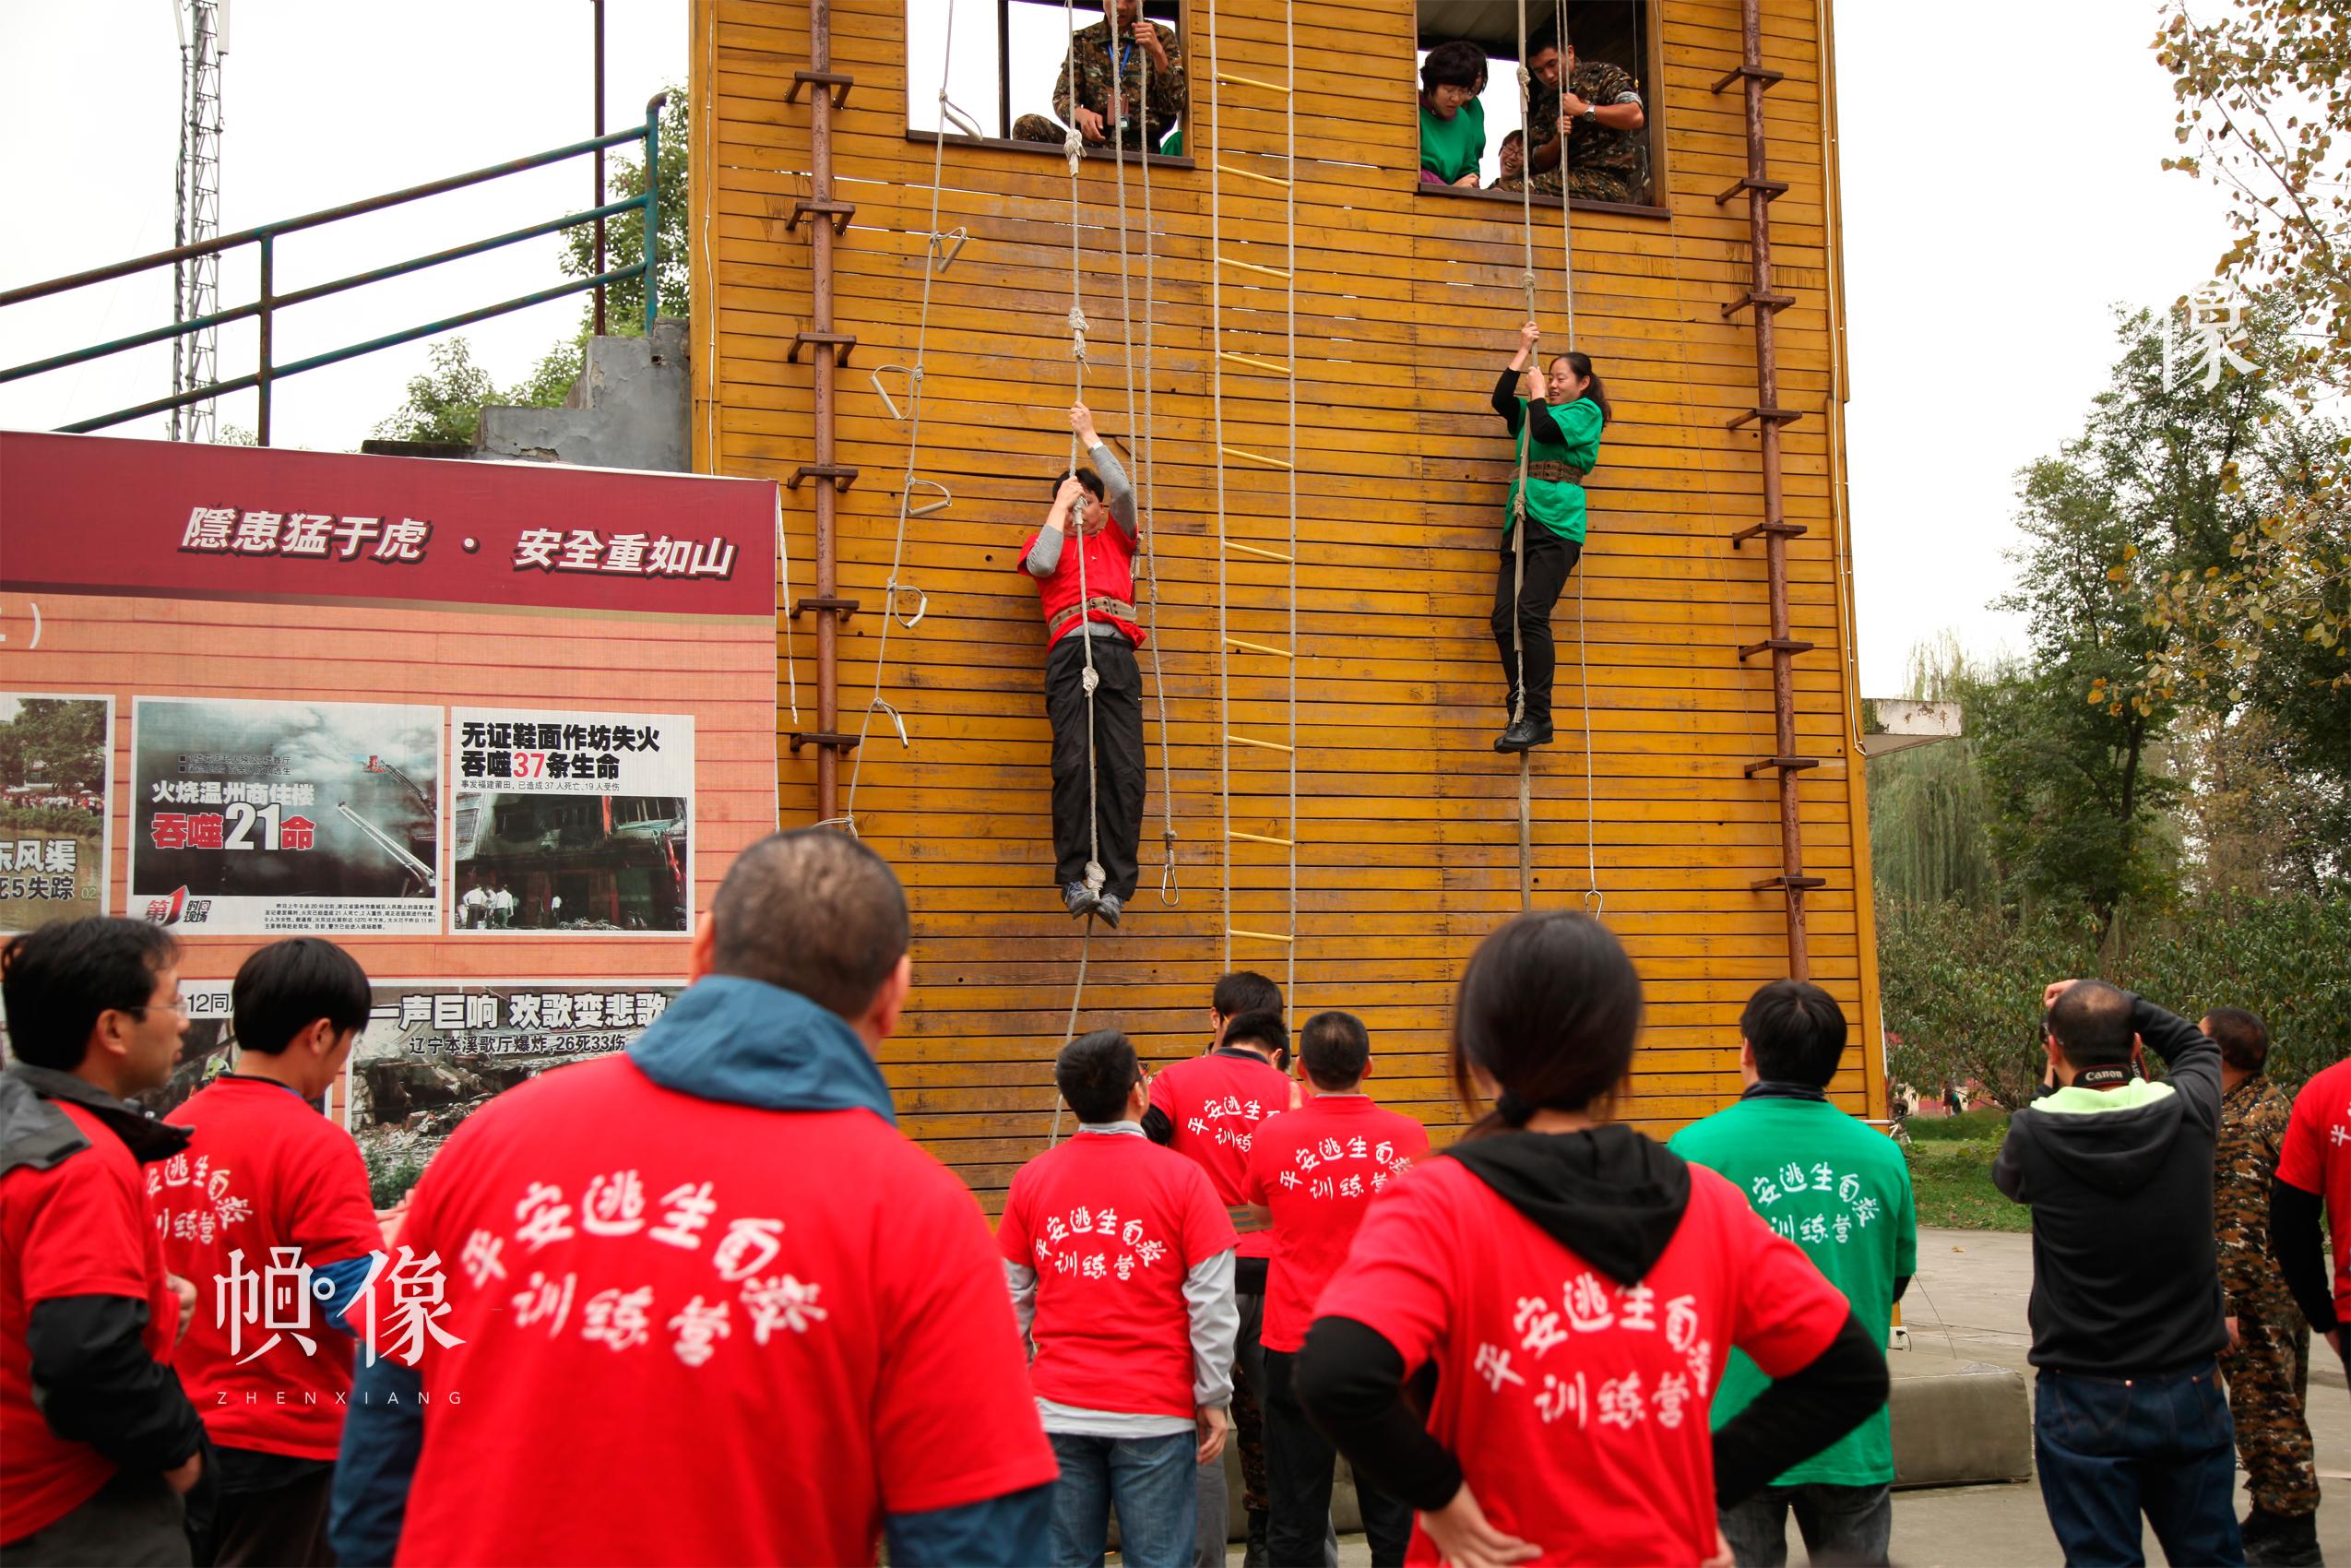 安全体验教室受捐学校的安全课老师参加高空降落安全应急技能培训。 中国儿童少年基金会供图